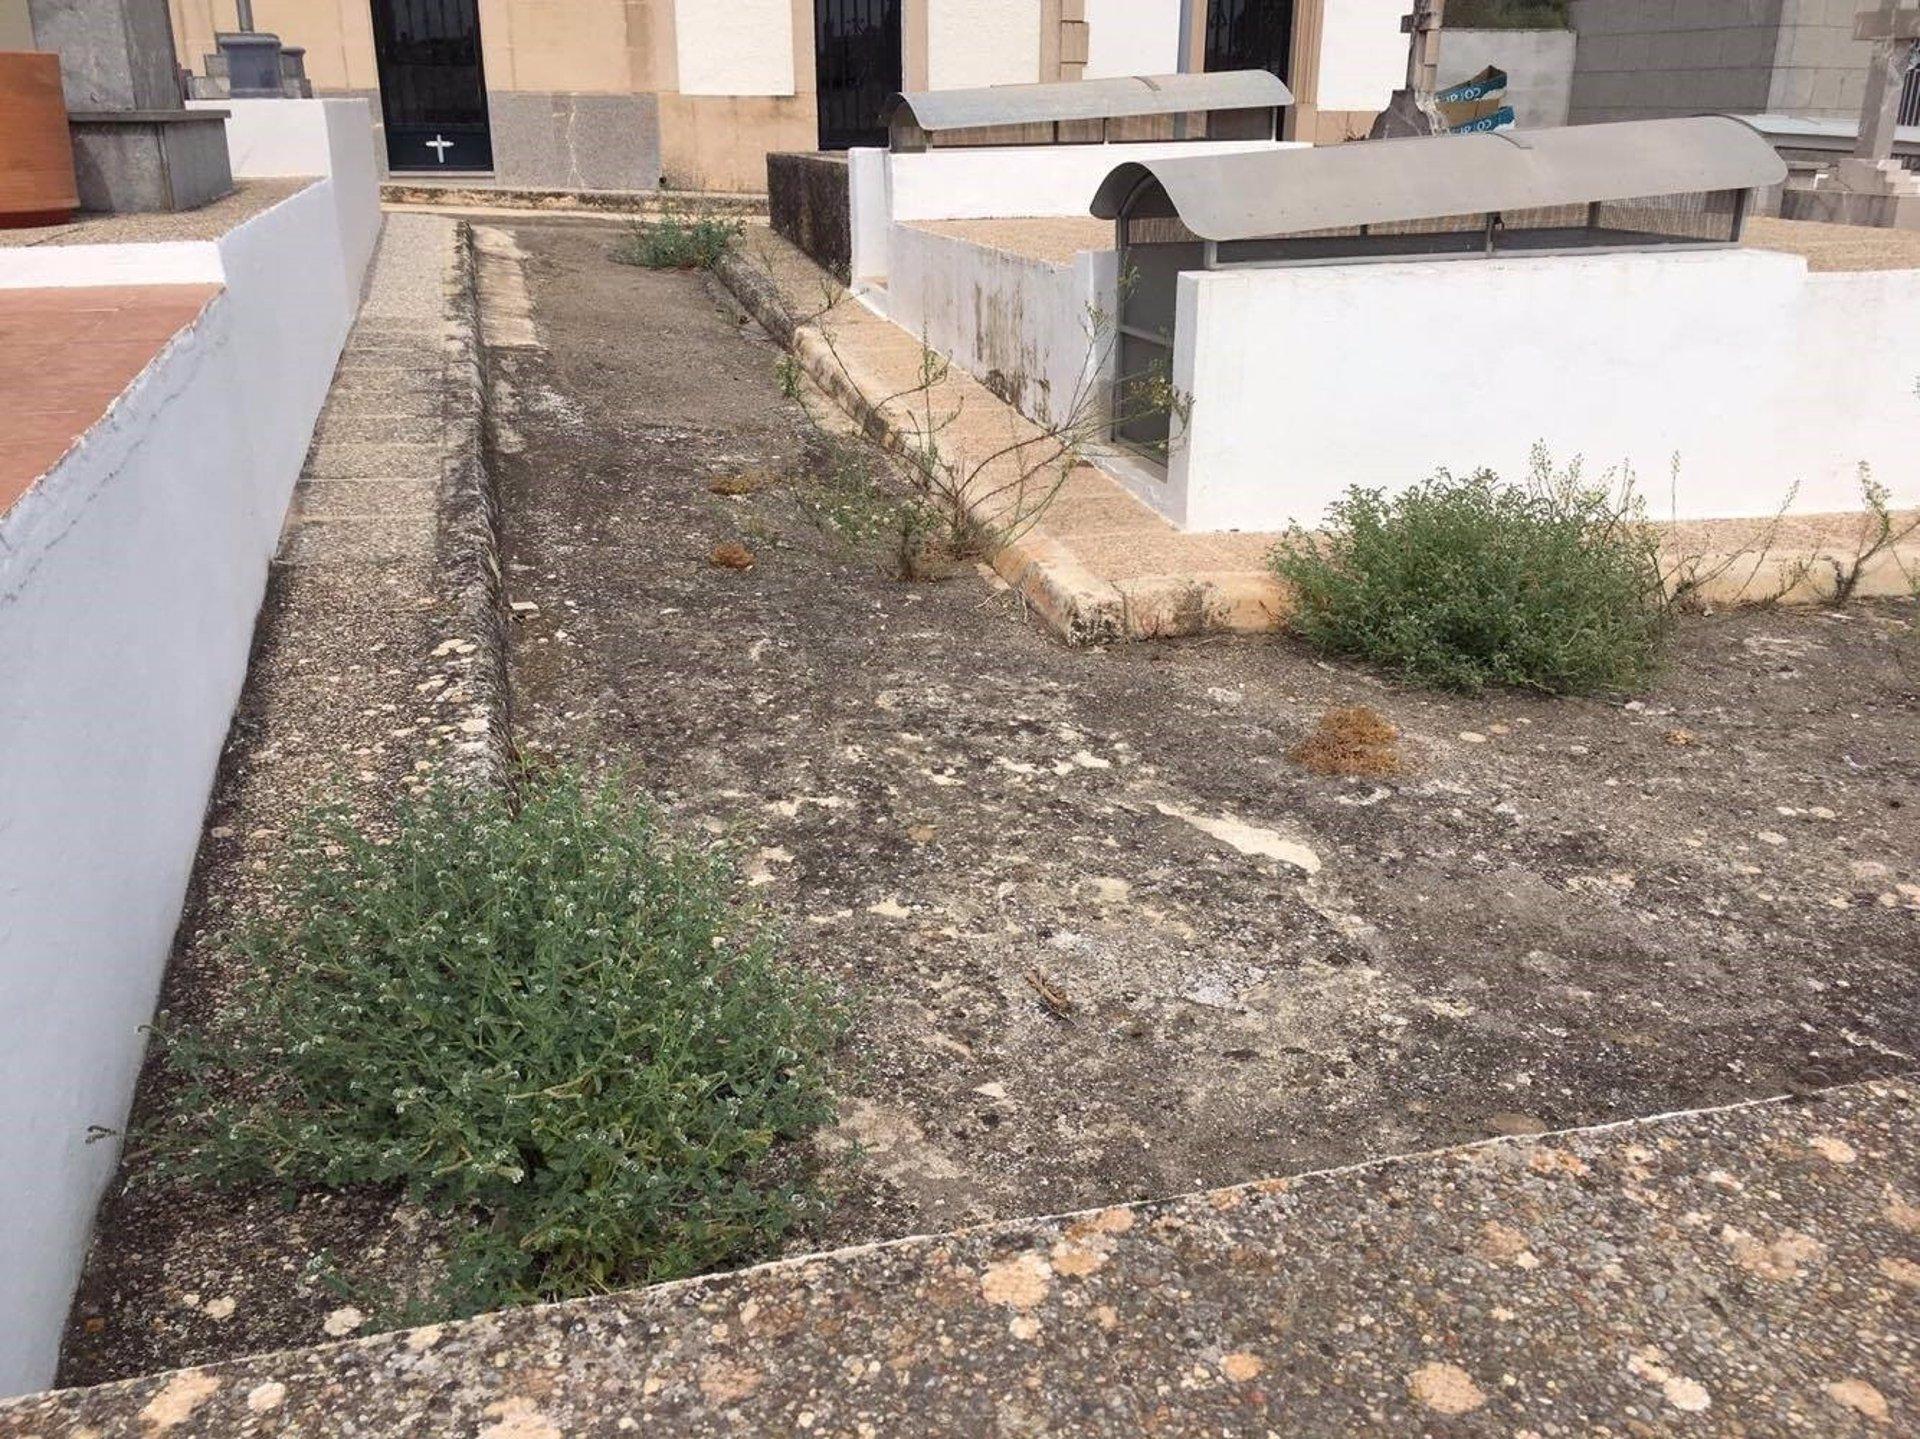 El PP denuncia el 'deplorable estado de abandono' del cementerio de Sineu